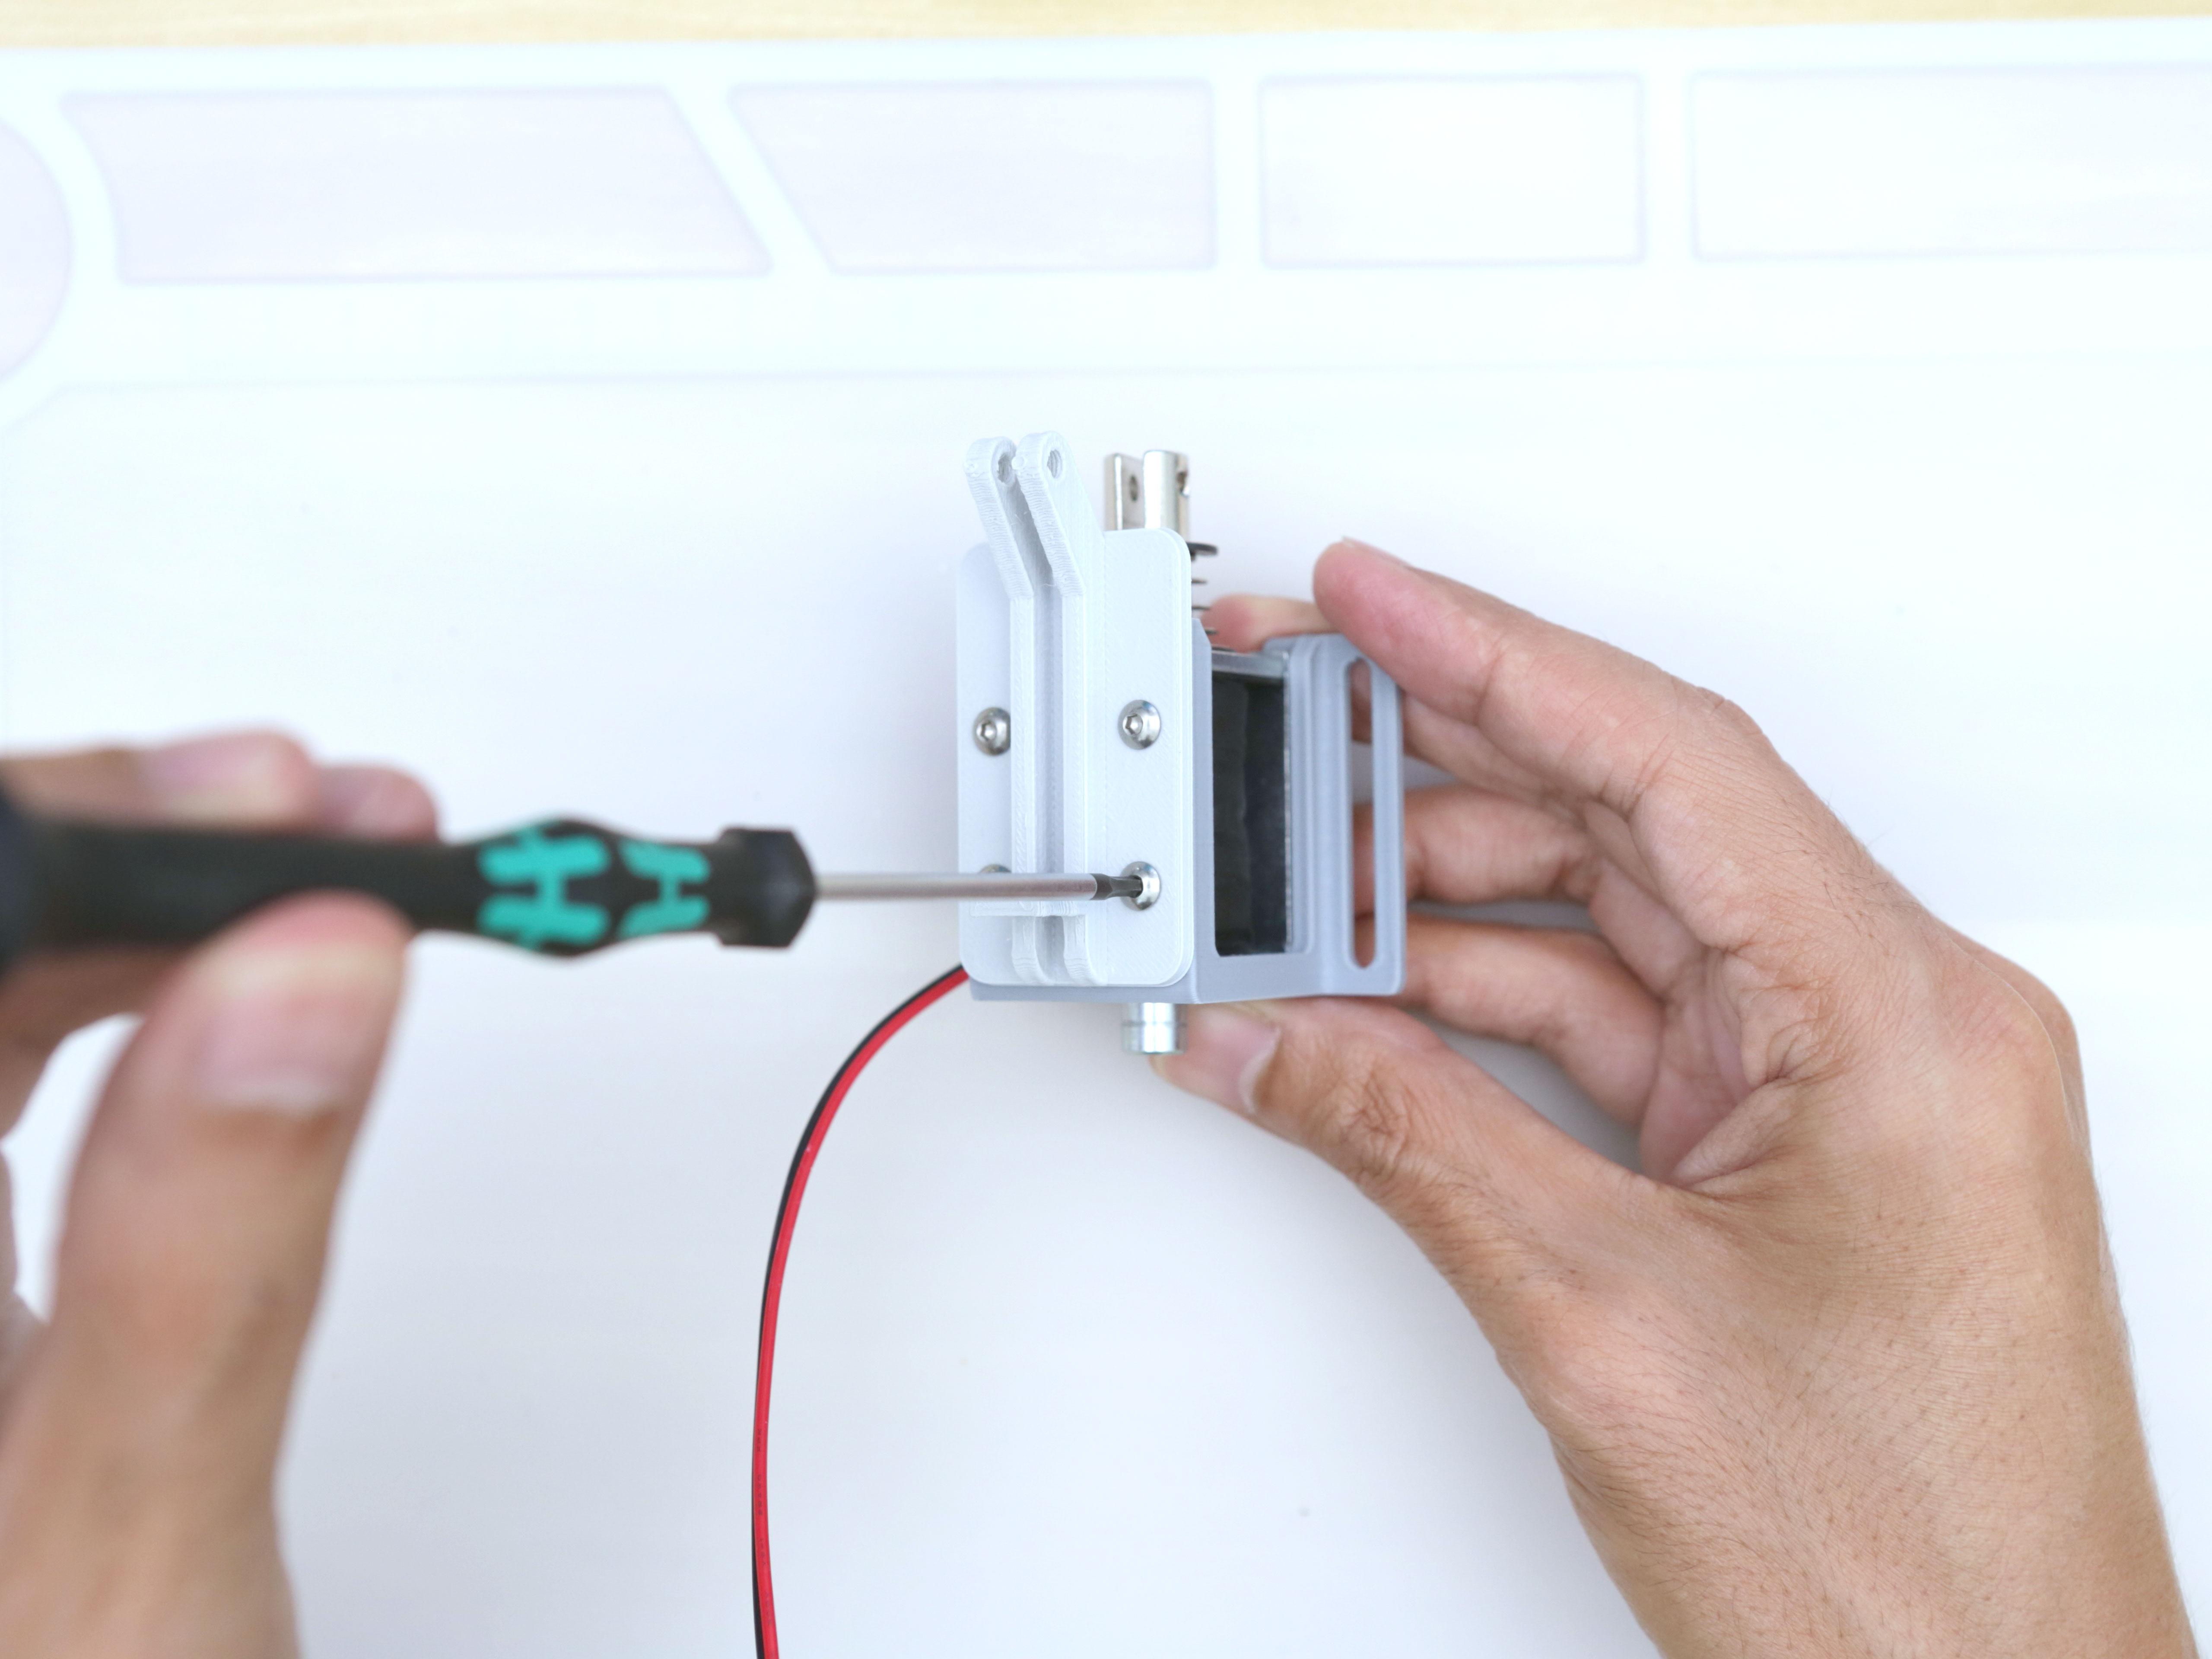 3d_printing_noid-holder-bracket-secure.jpg